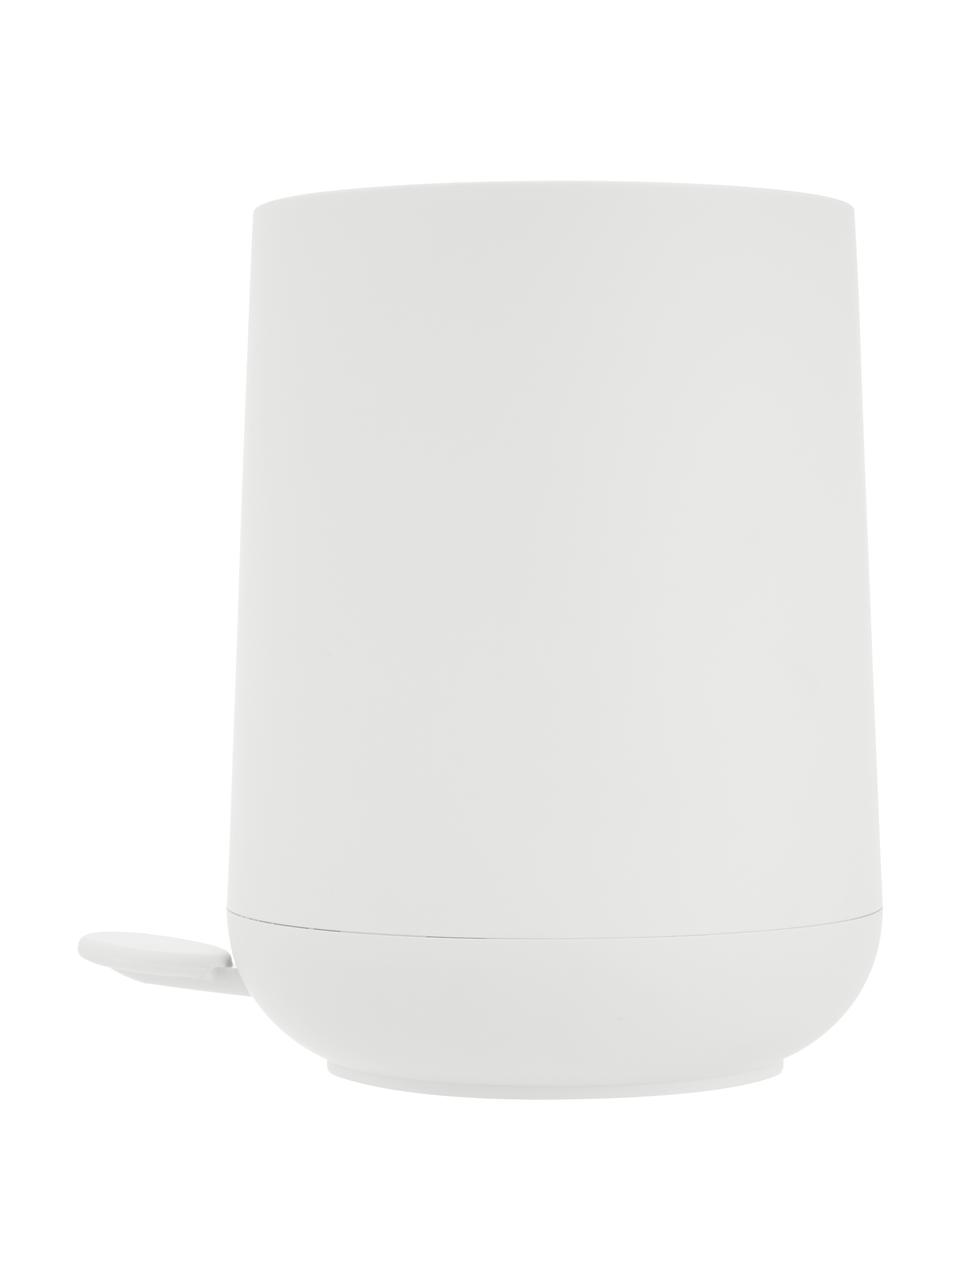 Abfalleimer Nova mit Softmotion-Deckel, ABS-Kunststoff, Weiß, Ø 23 x H 29 cm